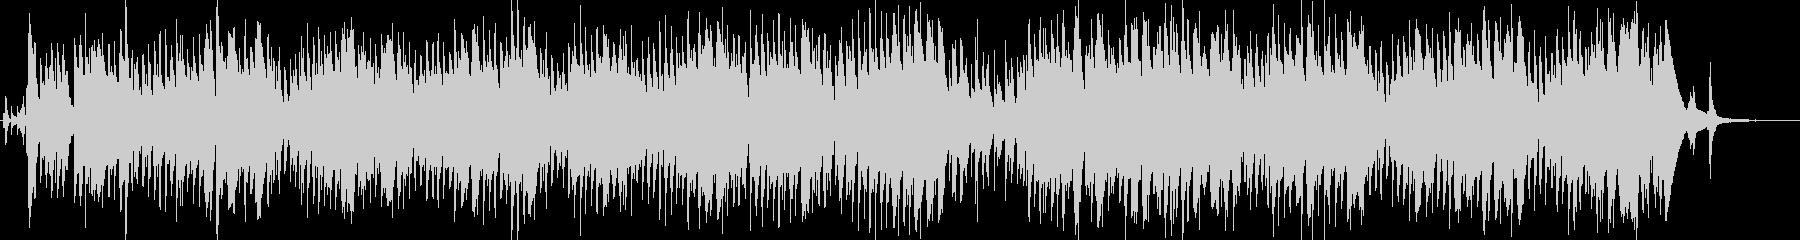 夜の小粋なアーバンJAZZピアノトリオの未再生の波形